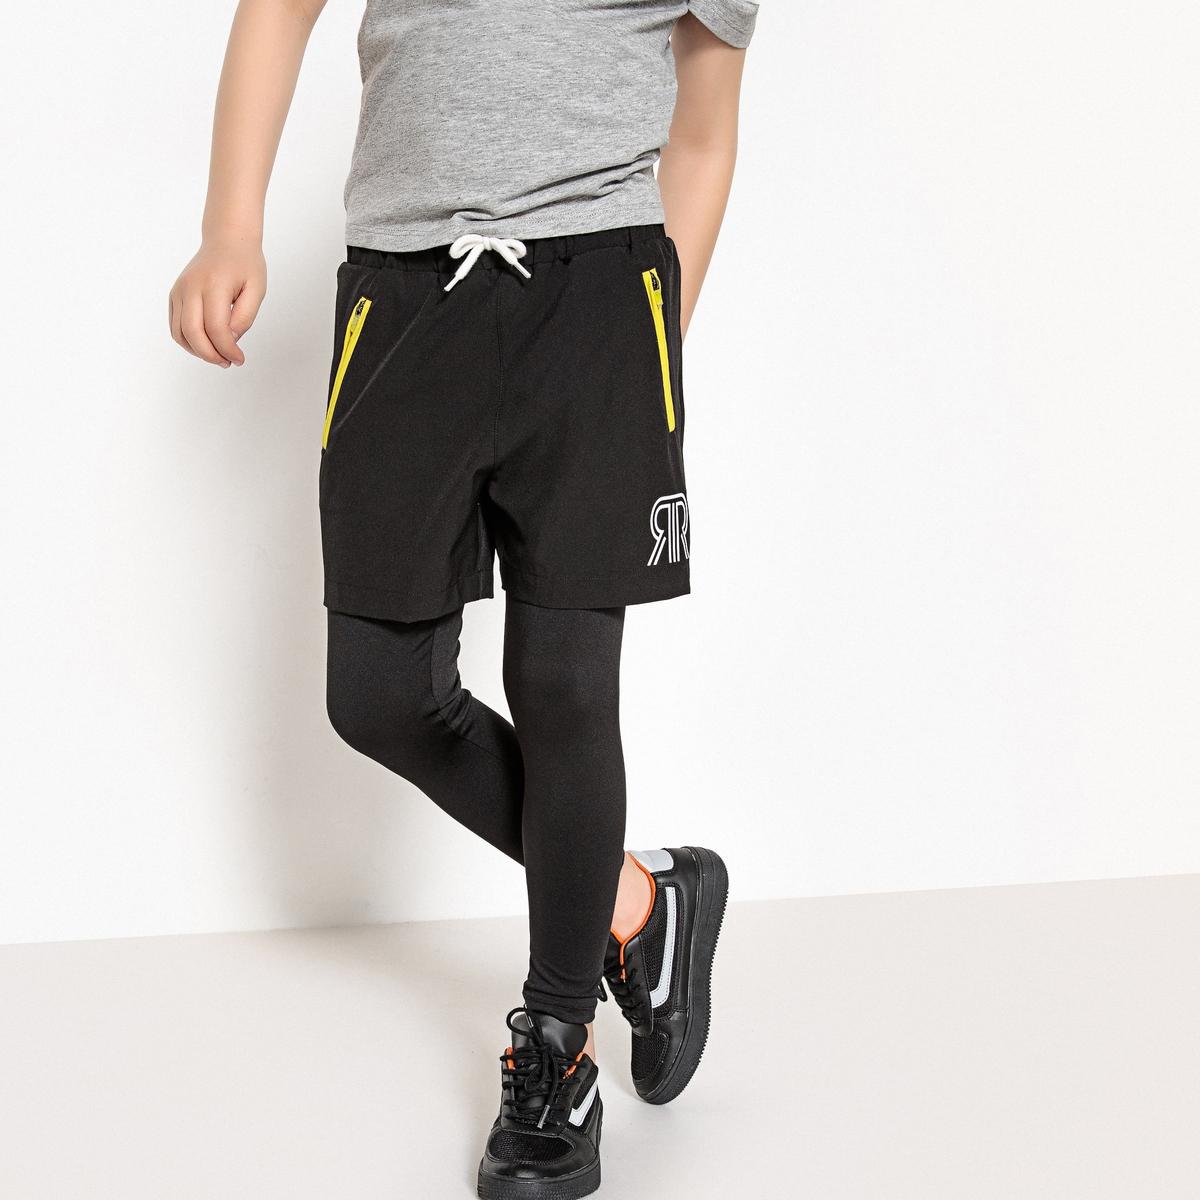 Комплект спортивный: шорты + леггинсы 3-12 лет